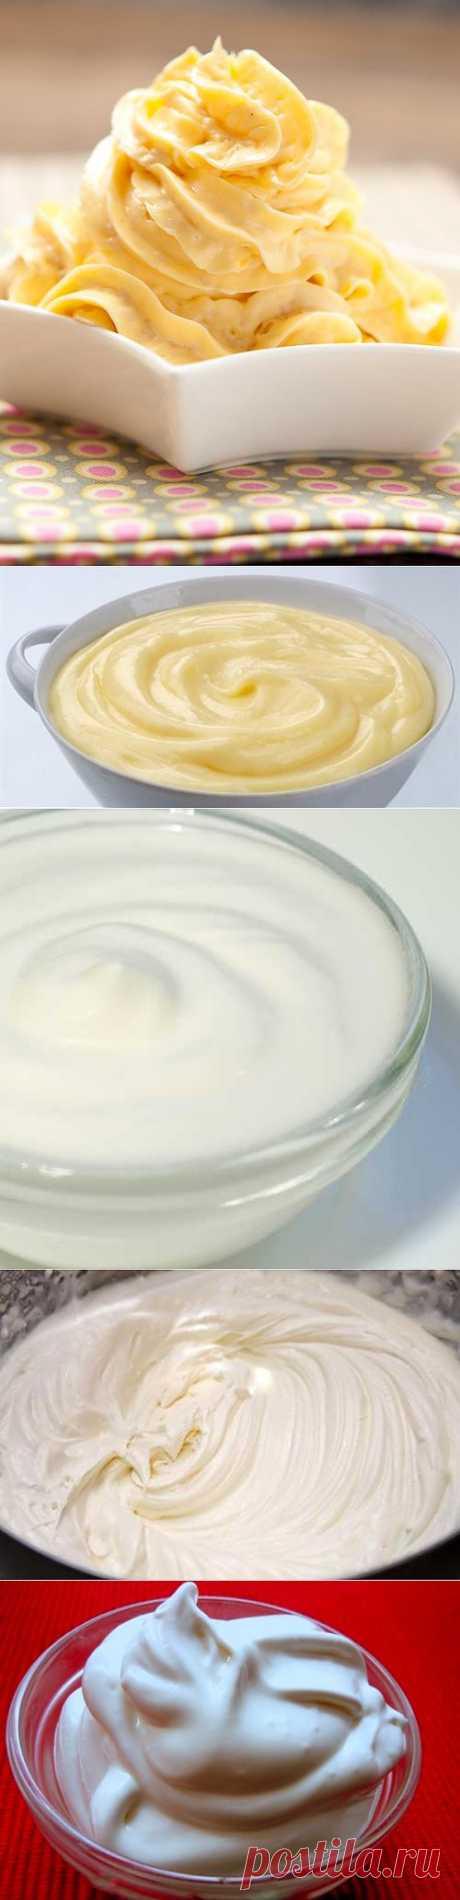 Рецепт крема для торта — варианты приготовления | My Milady